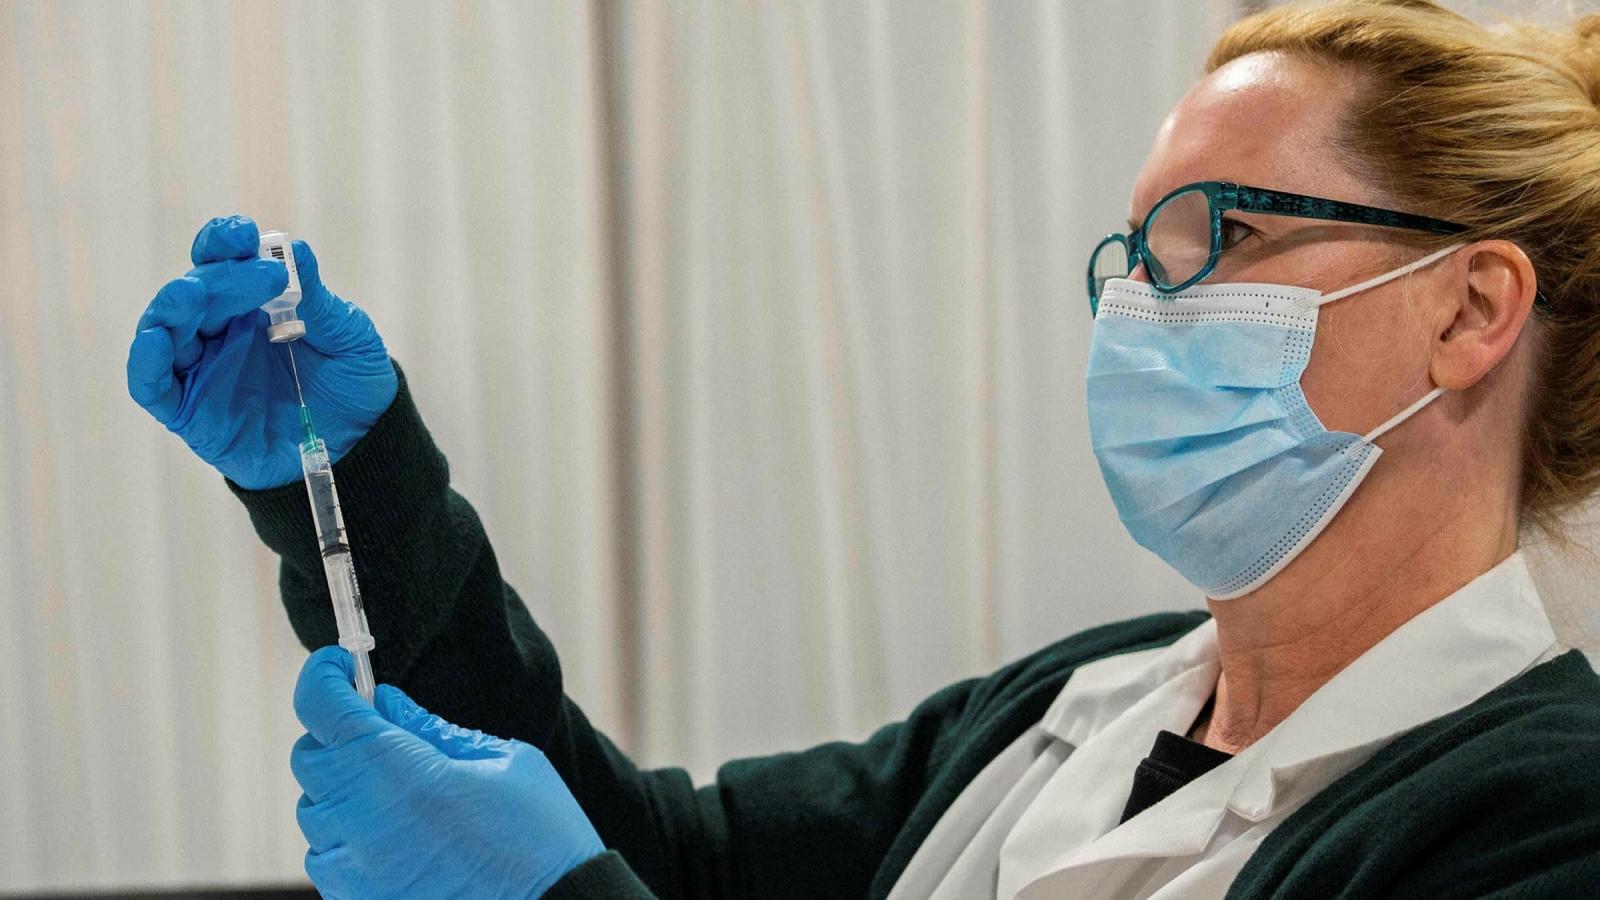 Mỹ sẽ tiêm mũi vaccine ngừa Covid-19 tăng cường cho toàn dân từ cuối tháng 9